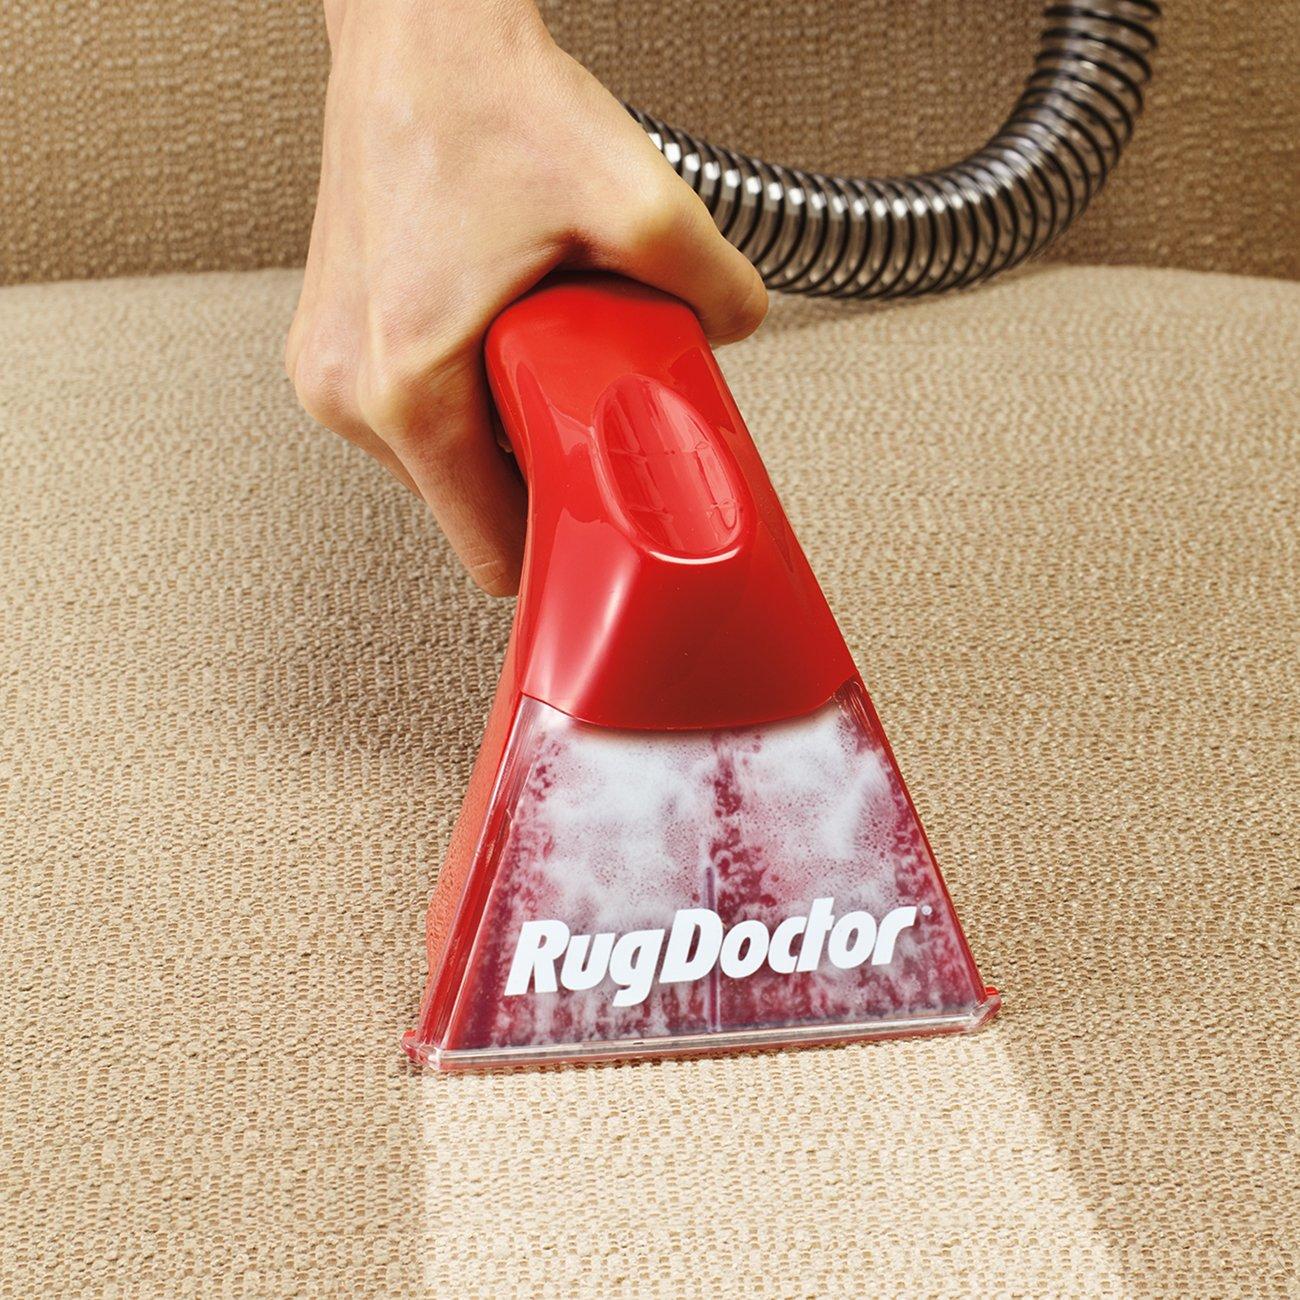 flexclean rug doctor reviews